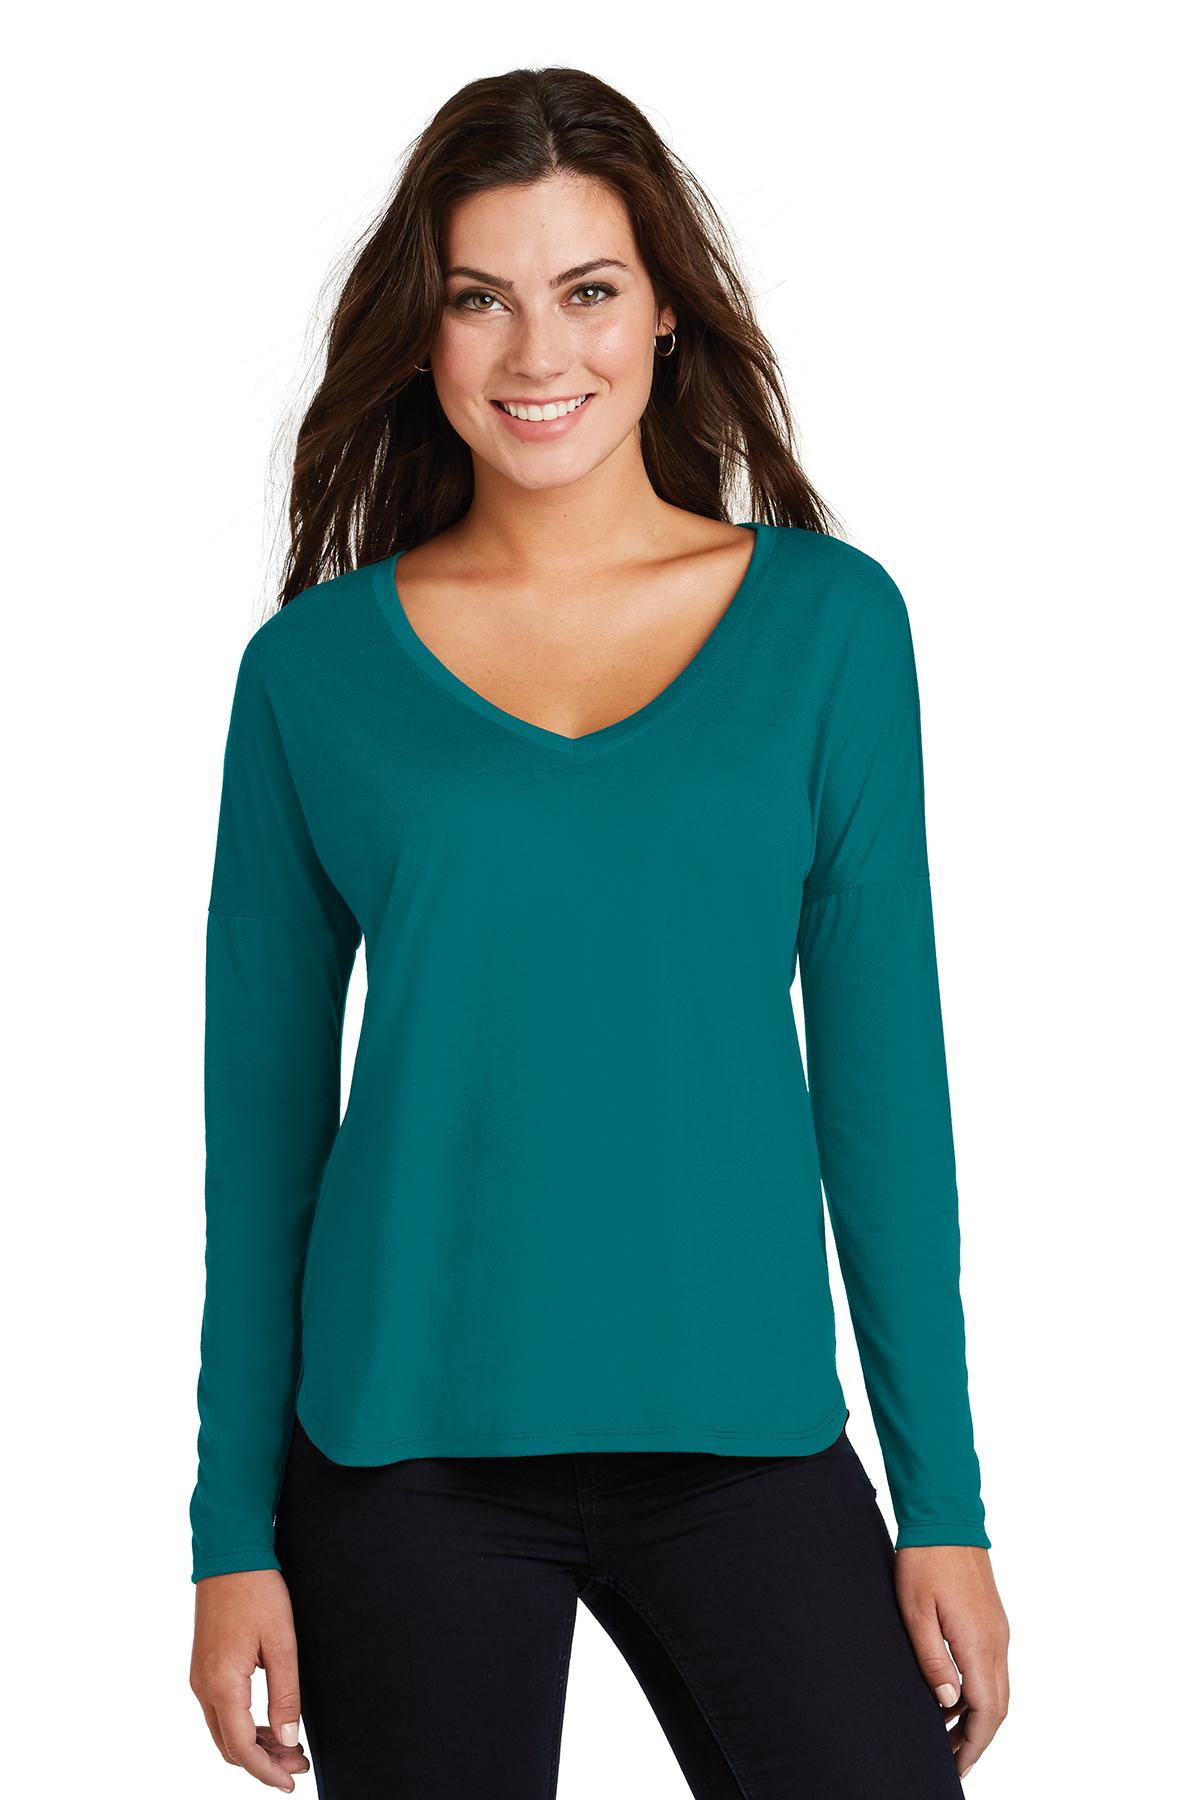 44b72d19 District ® Women's Drapey Long Sleeve Tee | Ladies/Women | T ...